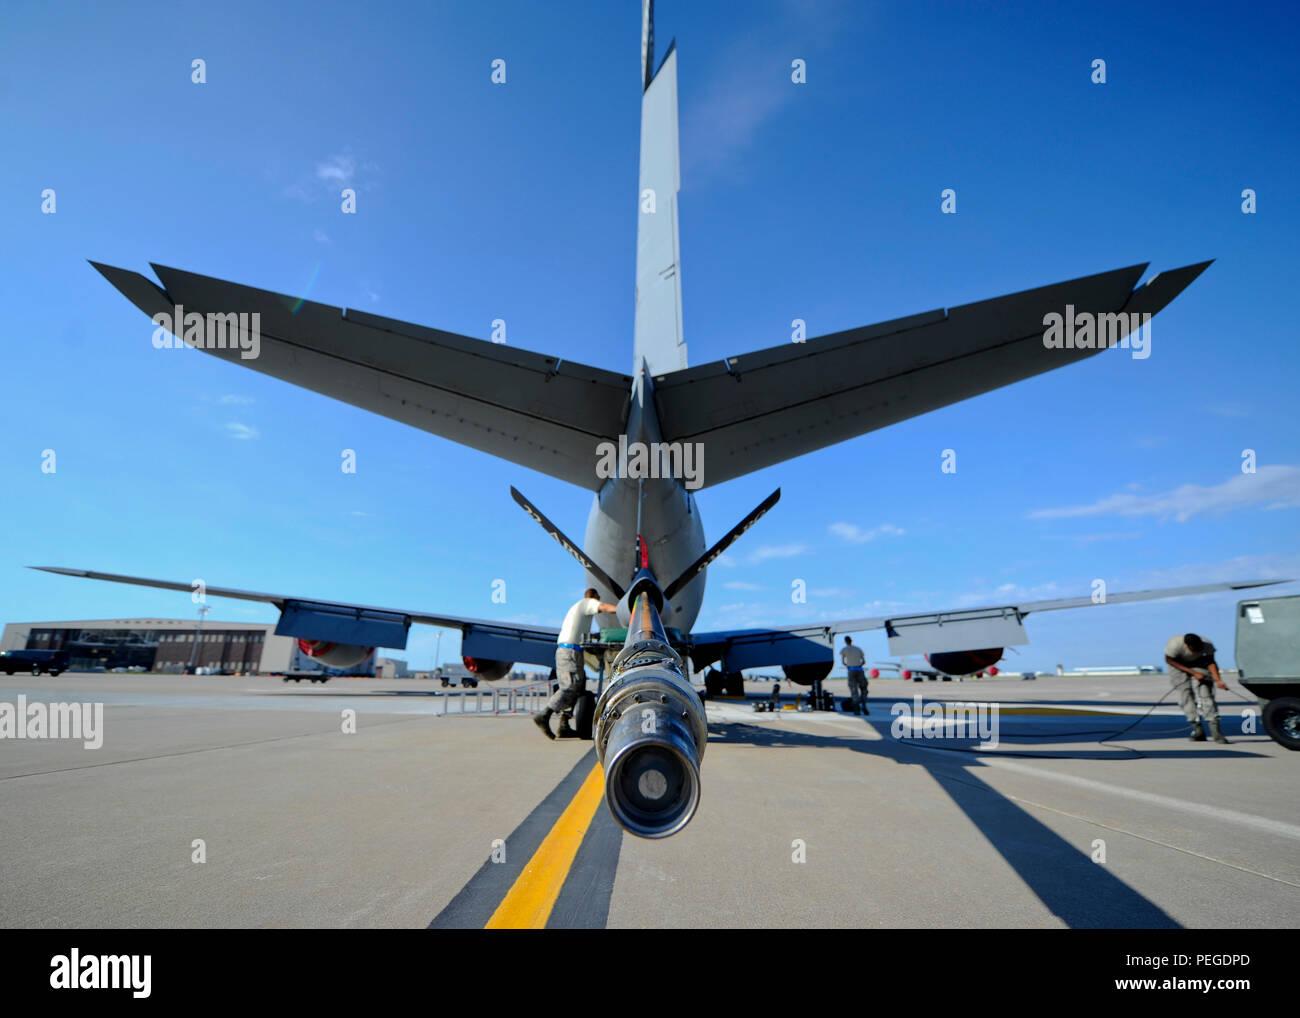 Flieger Ab Der 22 Aircraft Maintenance Squadron Hydraulik Shop überprüfen  Sie Die Hochkonjunktur Von Einer KC